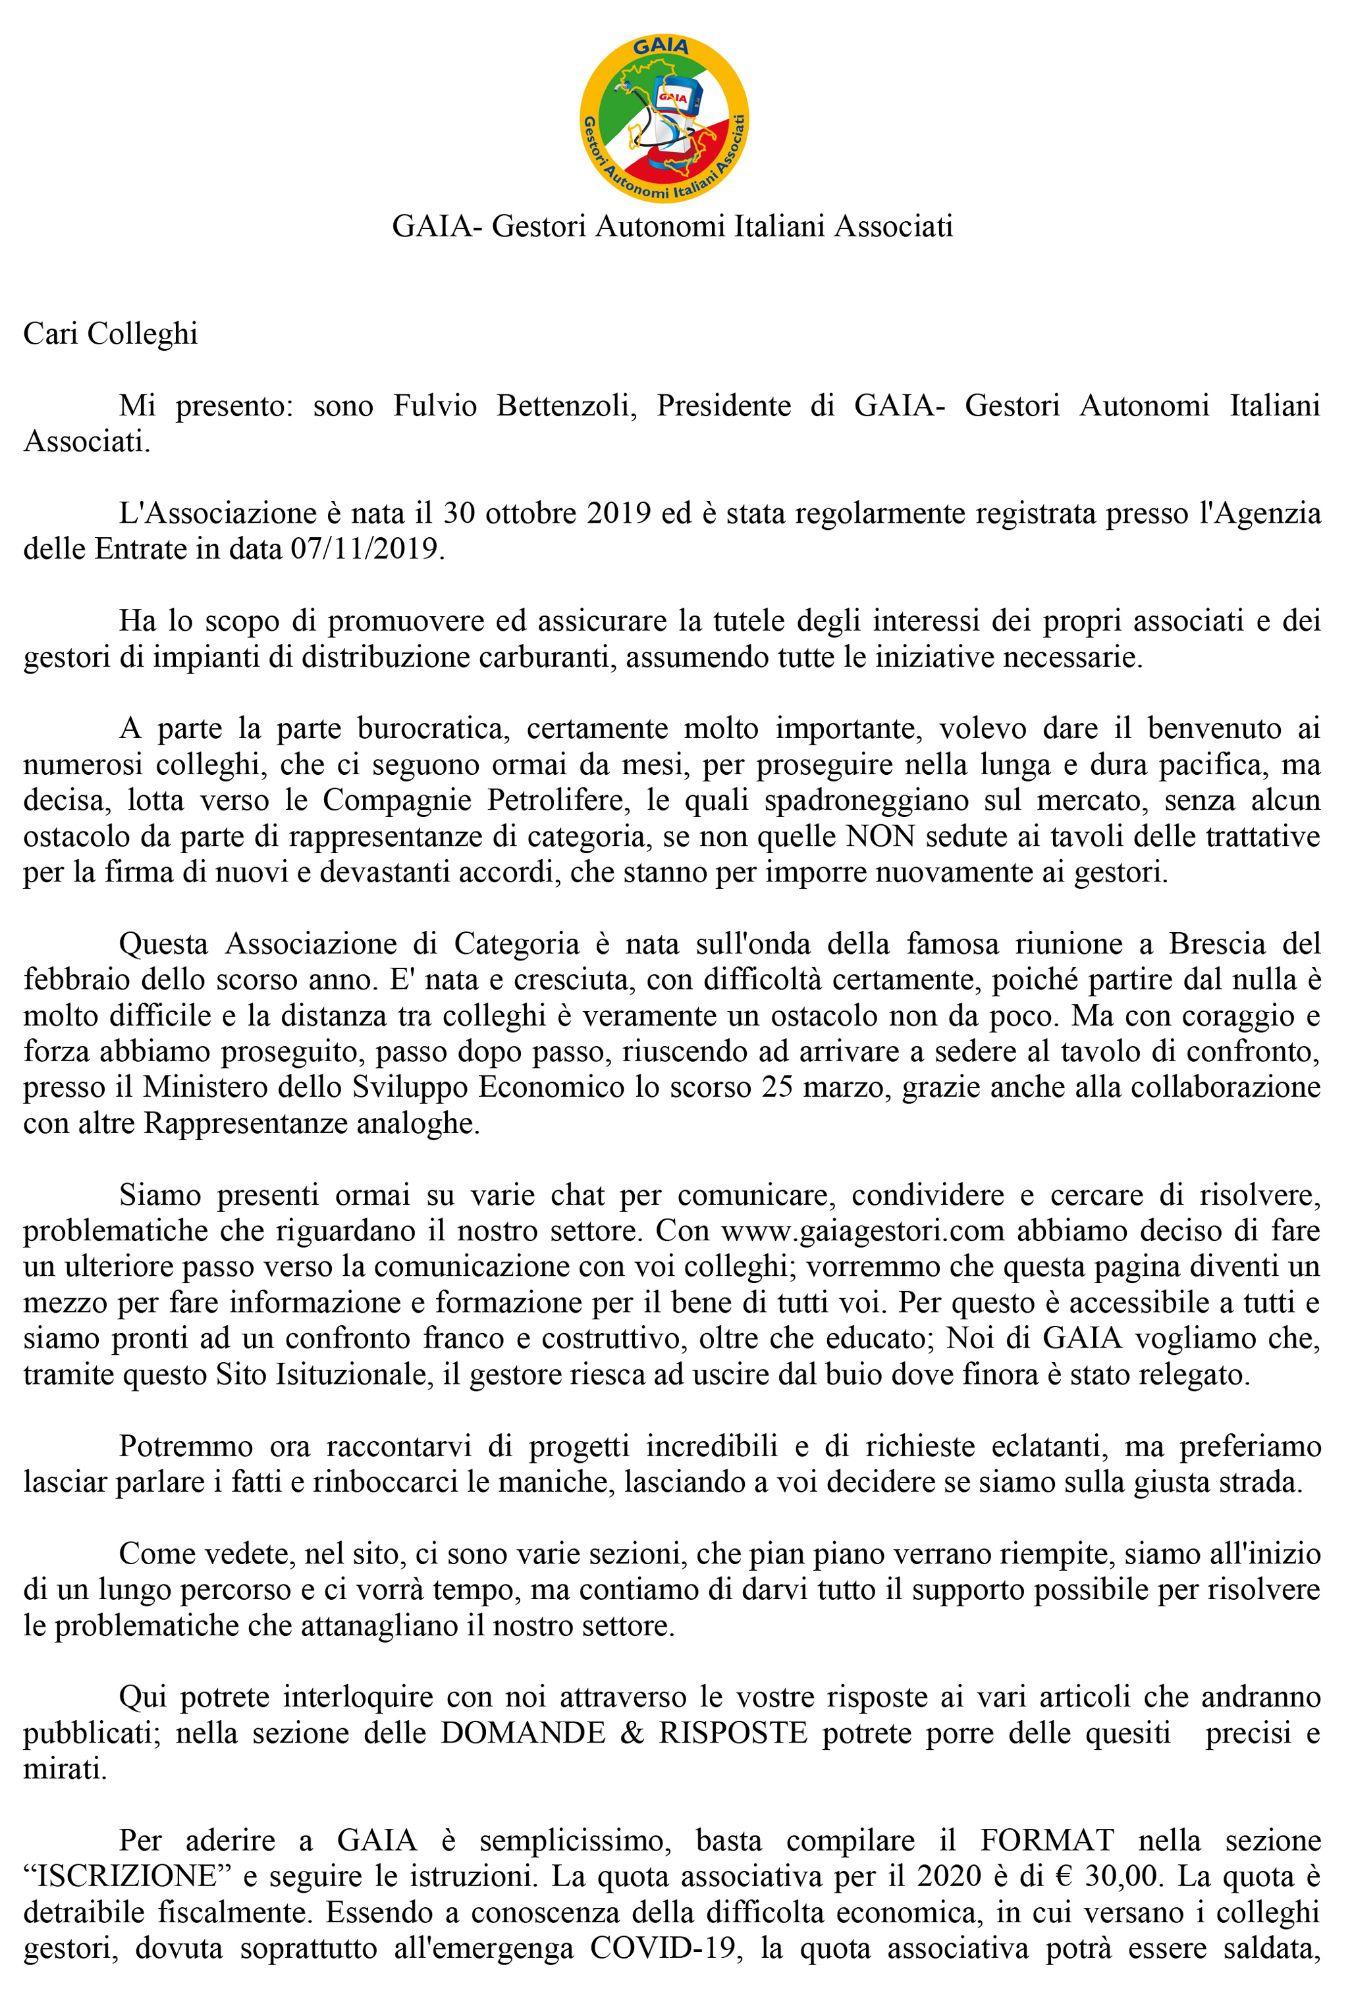 lettera-del-presidente-bettenzoli-per-sito-1-1589209148.jpg